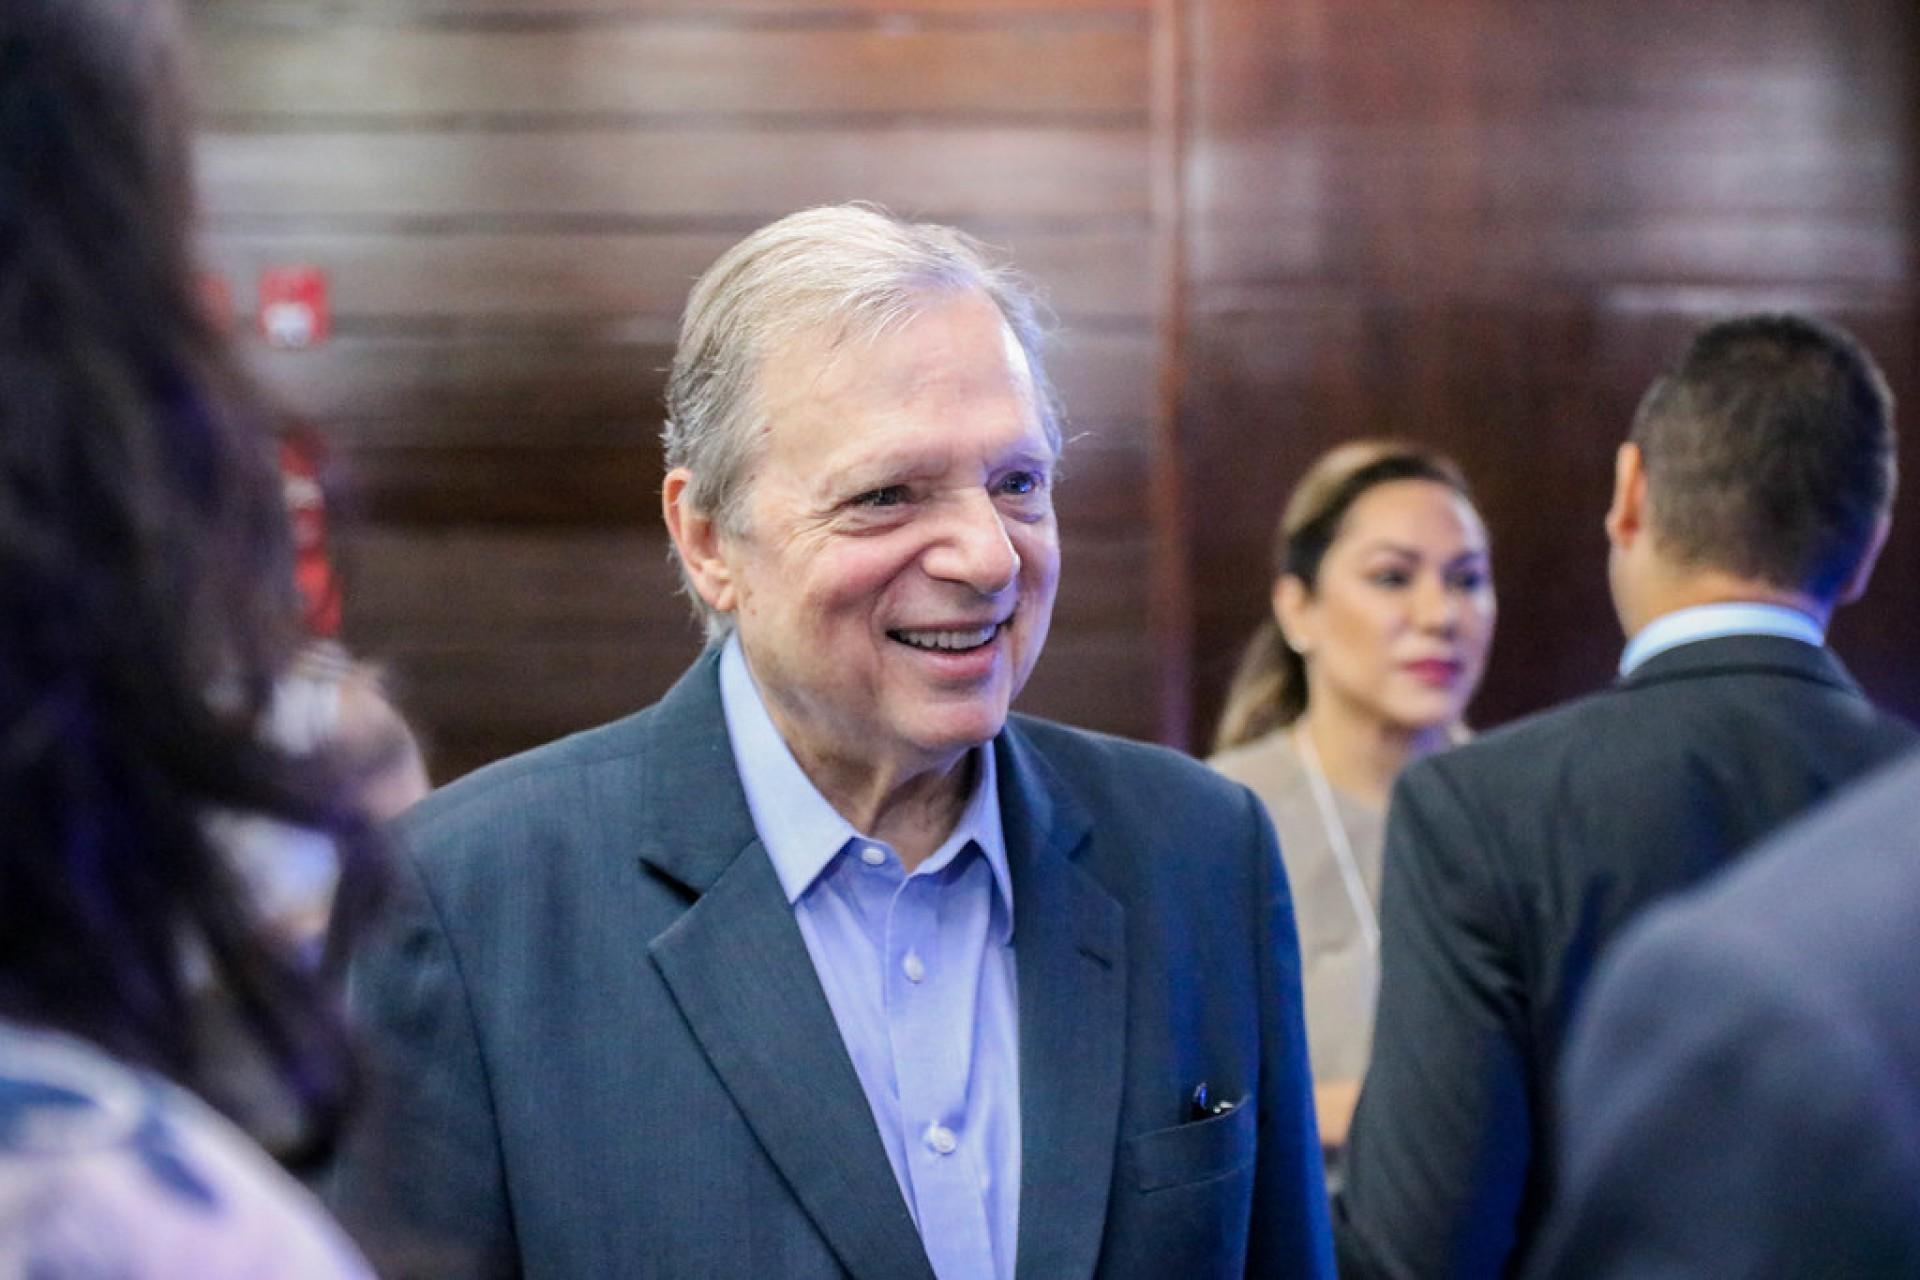 TASSO está no segundo mandato no Senado (Foto: Marko/Divulgação)